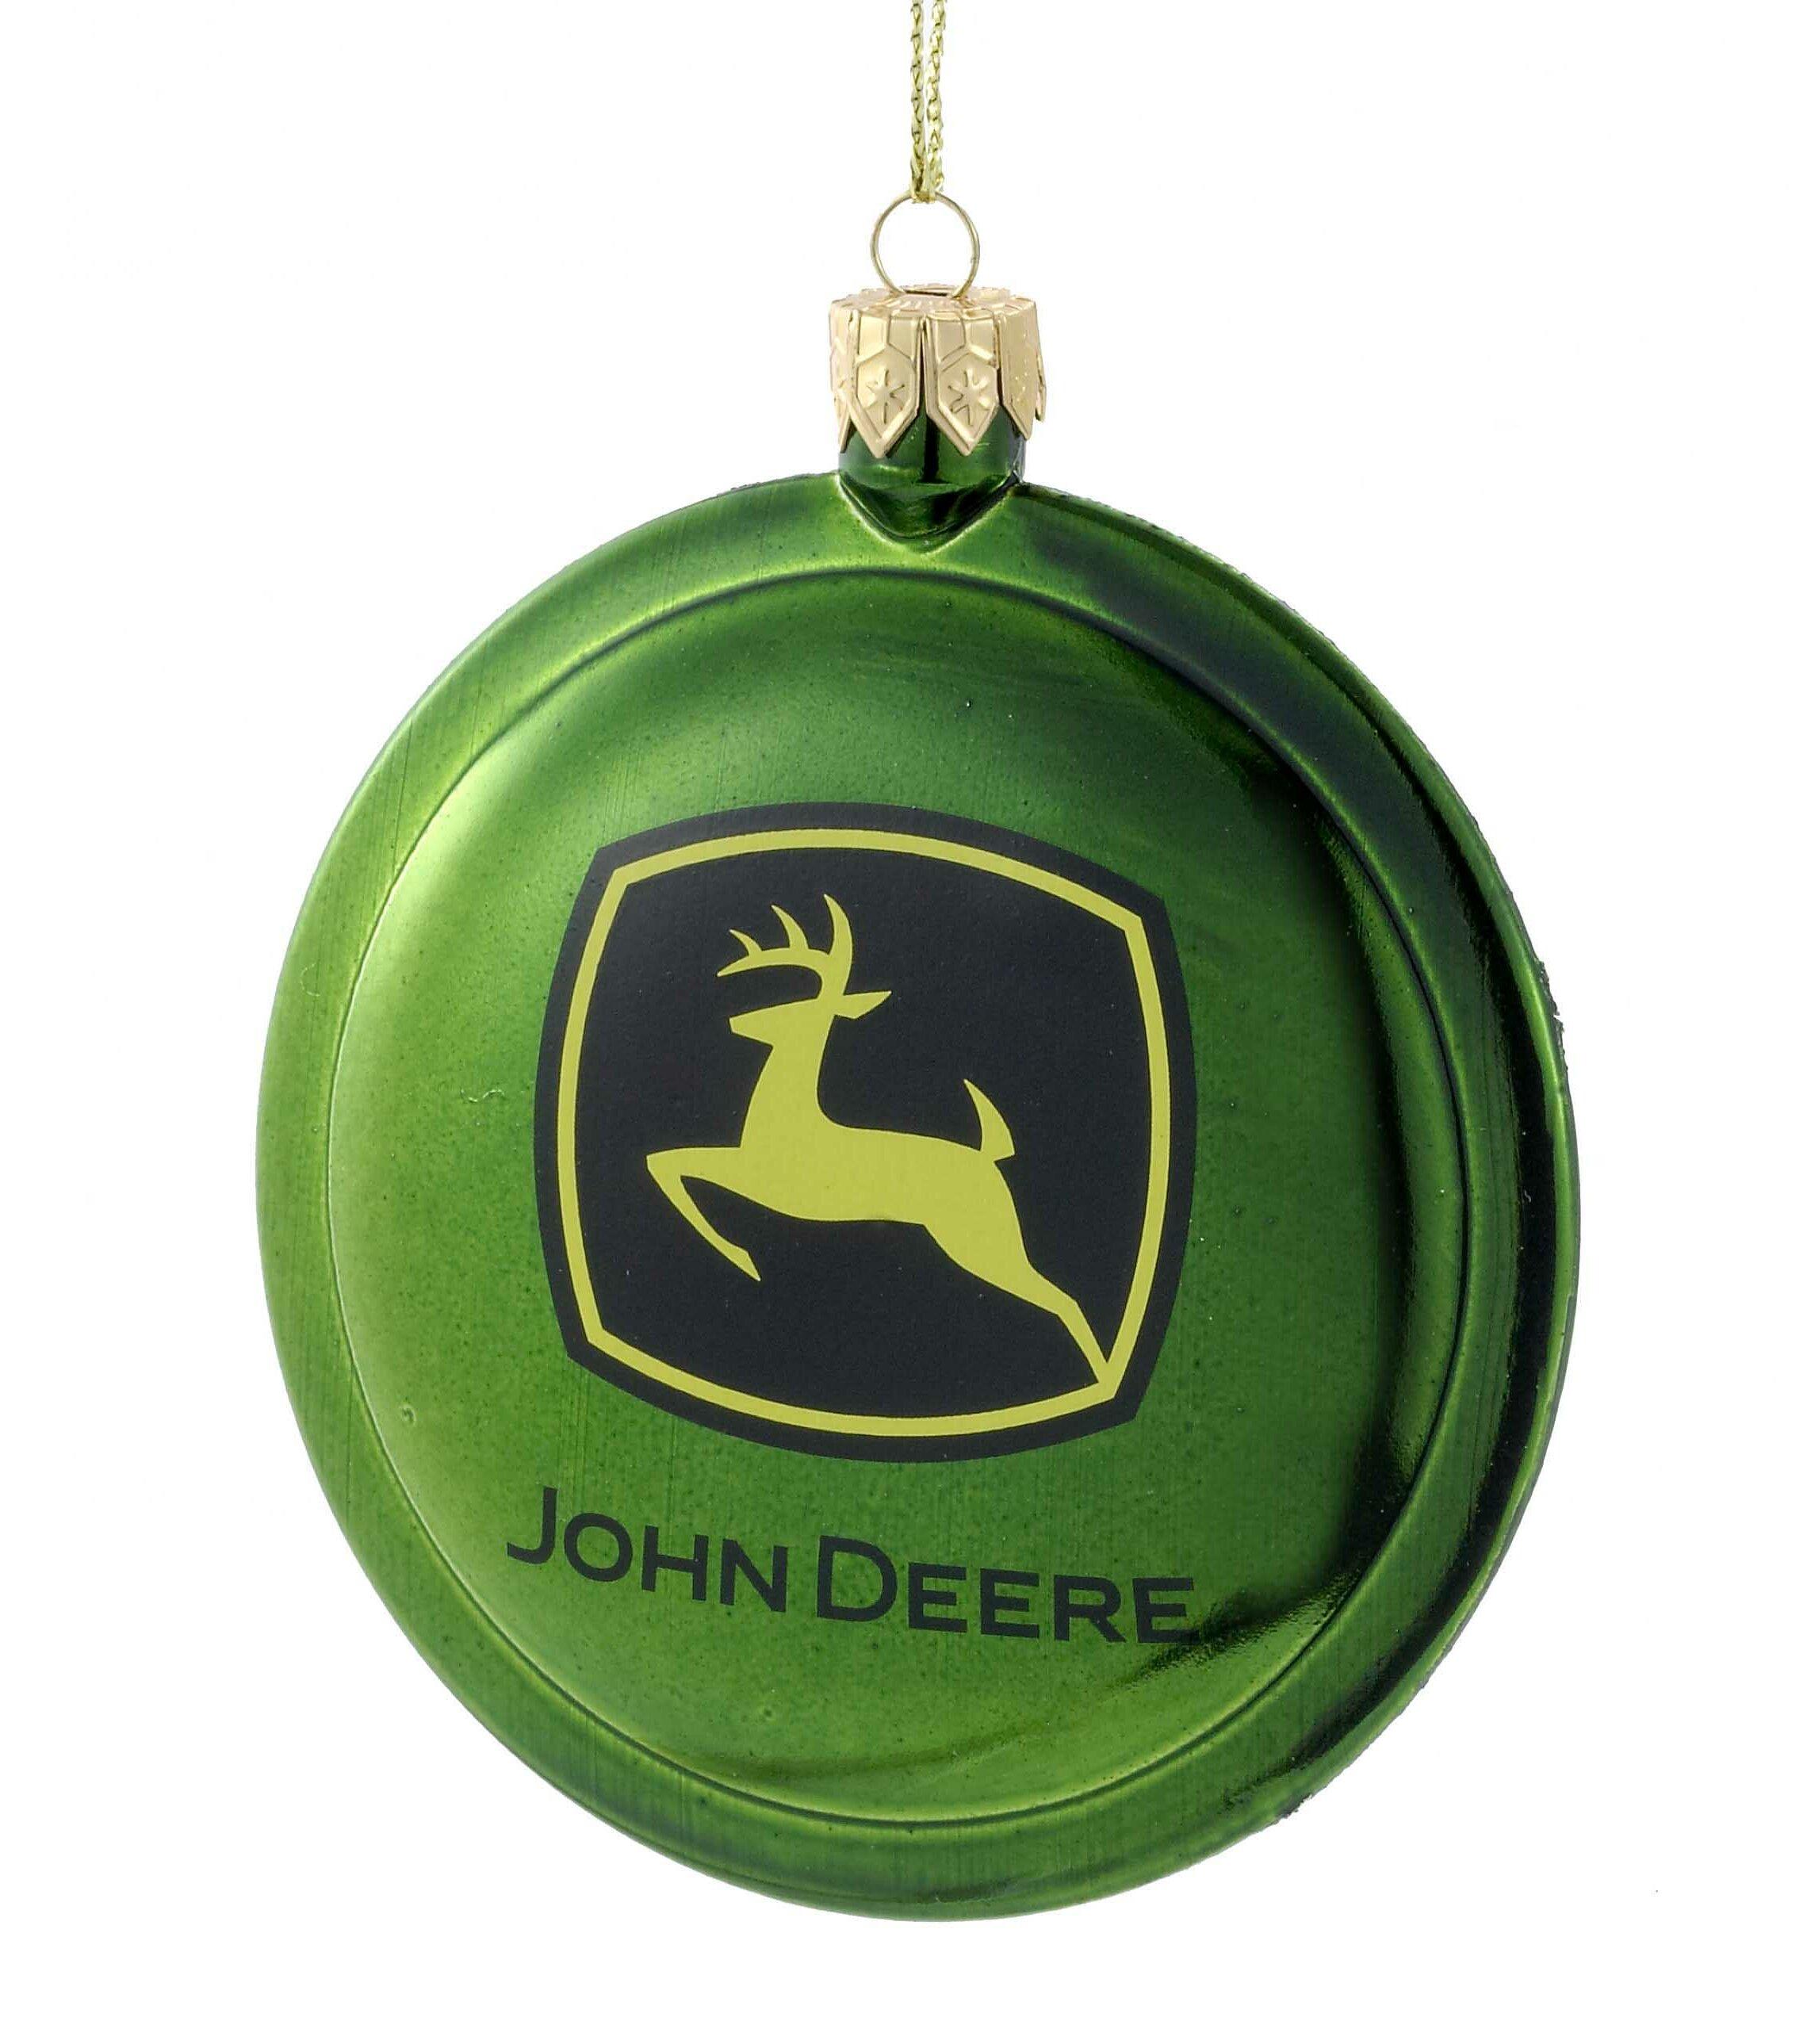 Kurt Adler Shatterproof John Deere Disc Ornament & Reviews   Wayfair